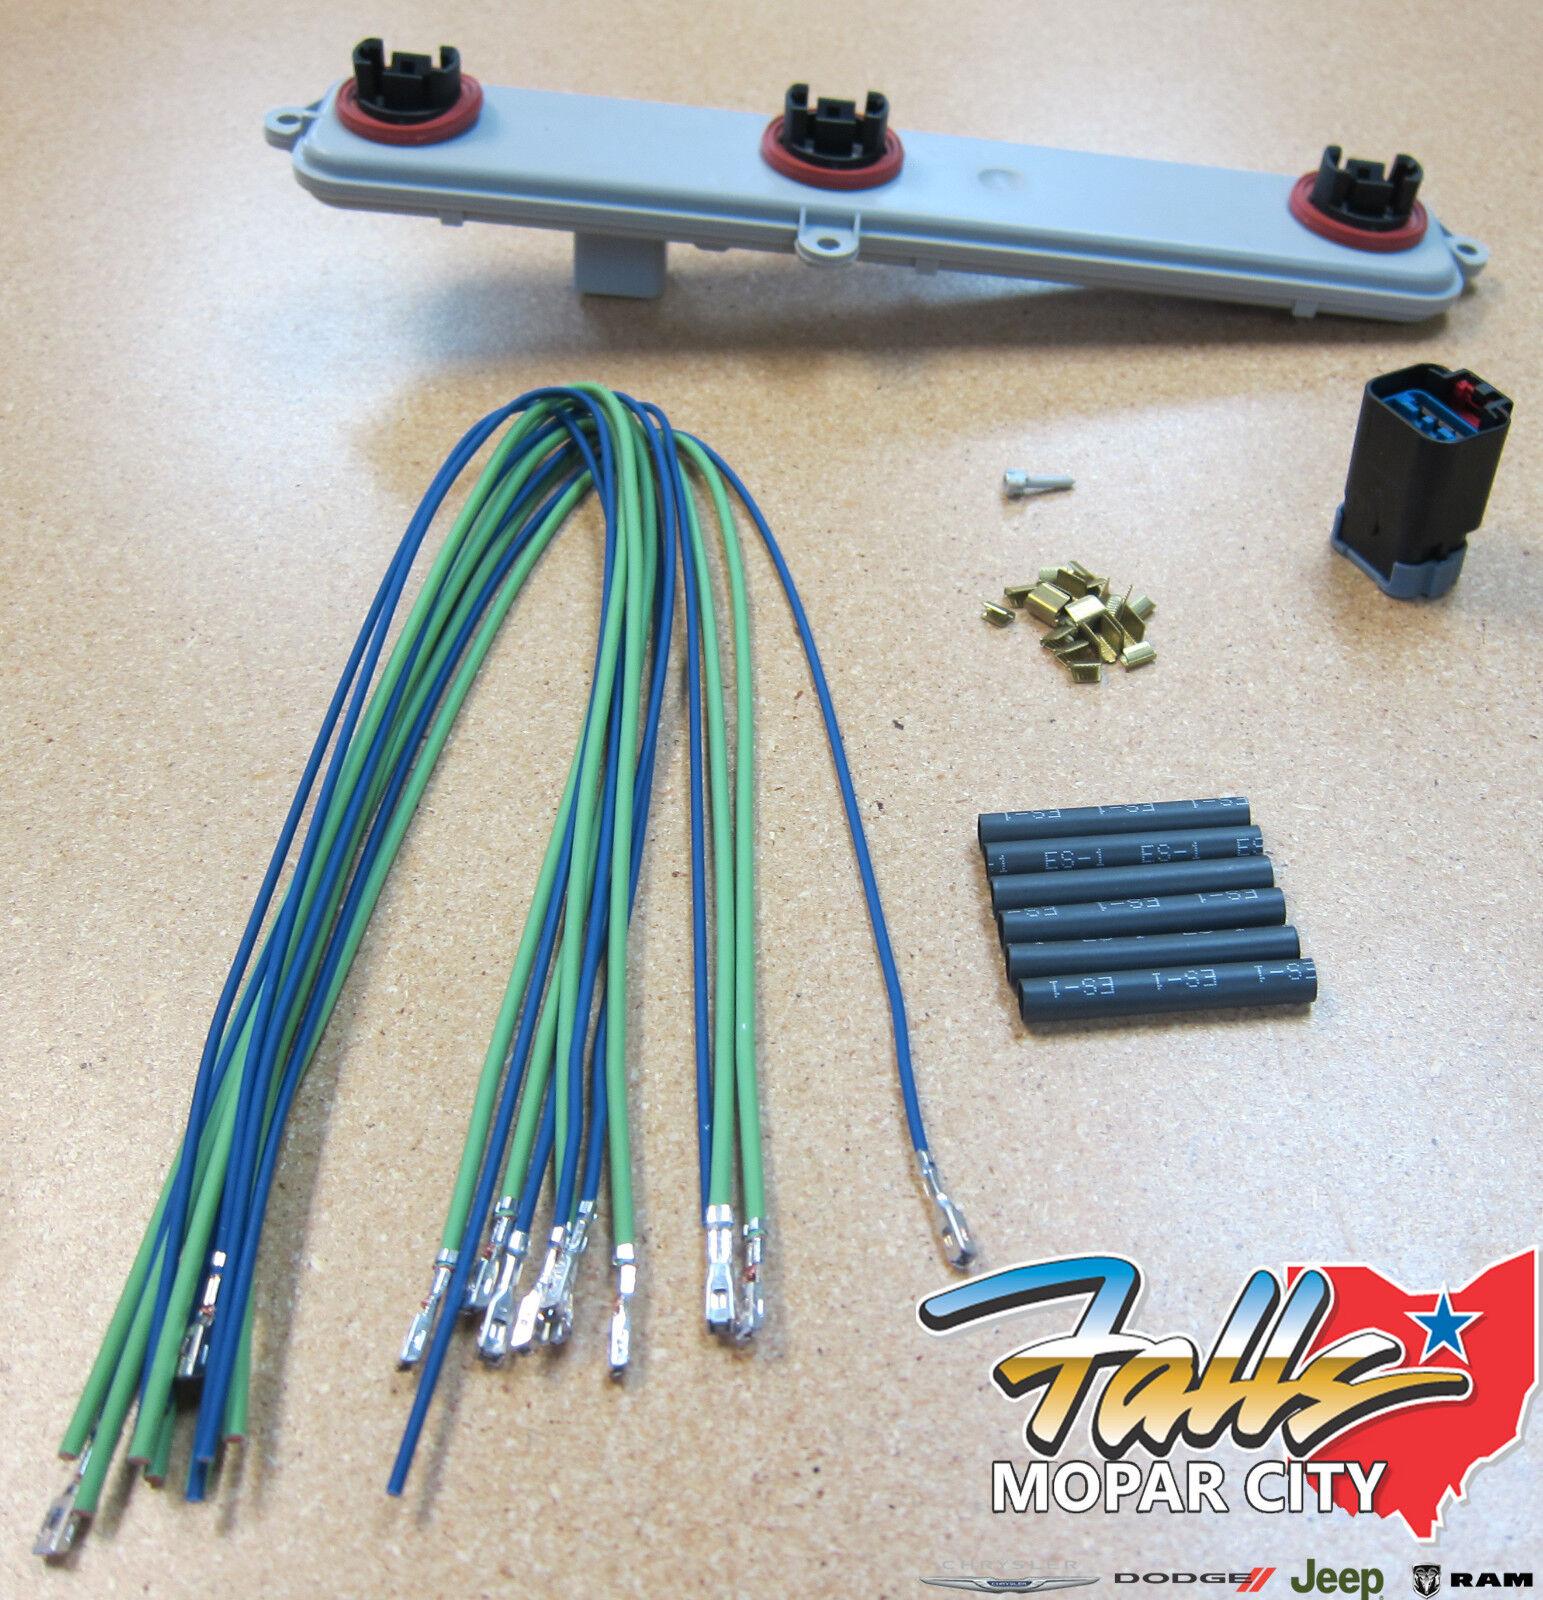 2002 2006 dodge ram 1500 tail light wiring harness socket 2003 dodge ram tail light [ 1543 x 1600 Pixel ]